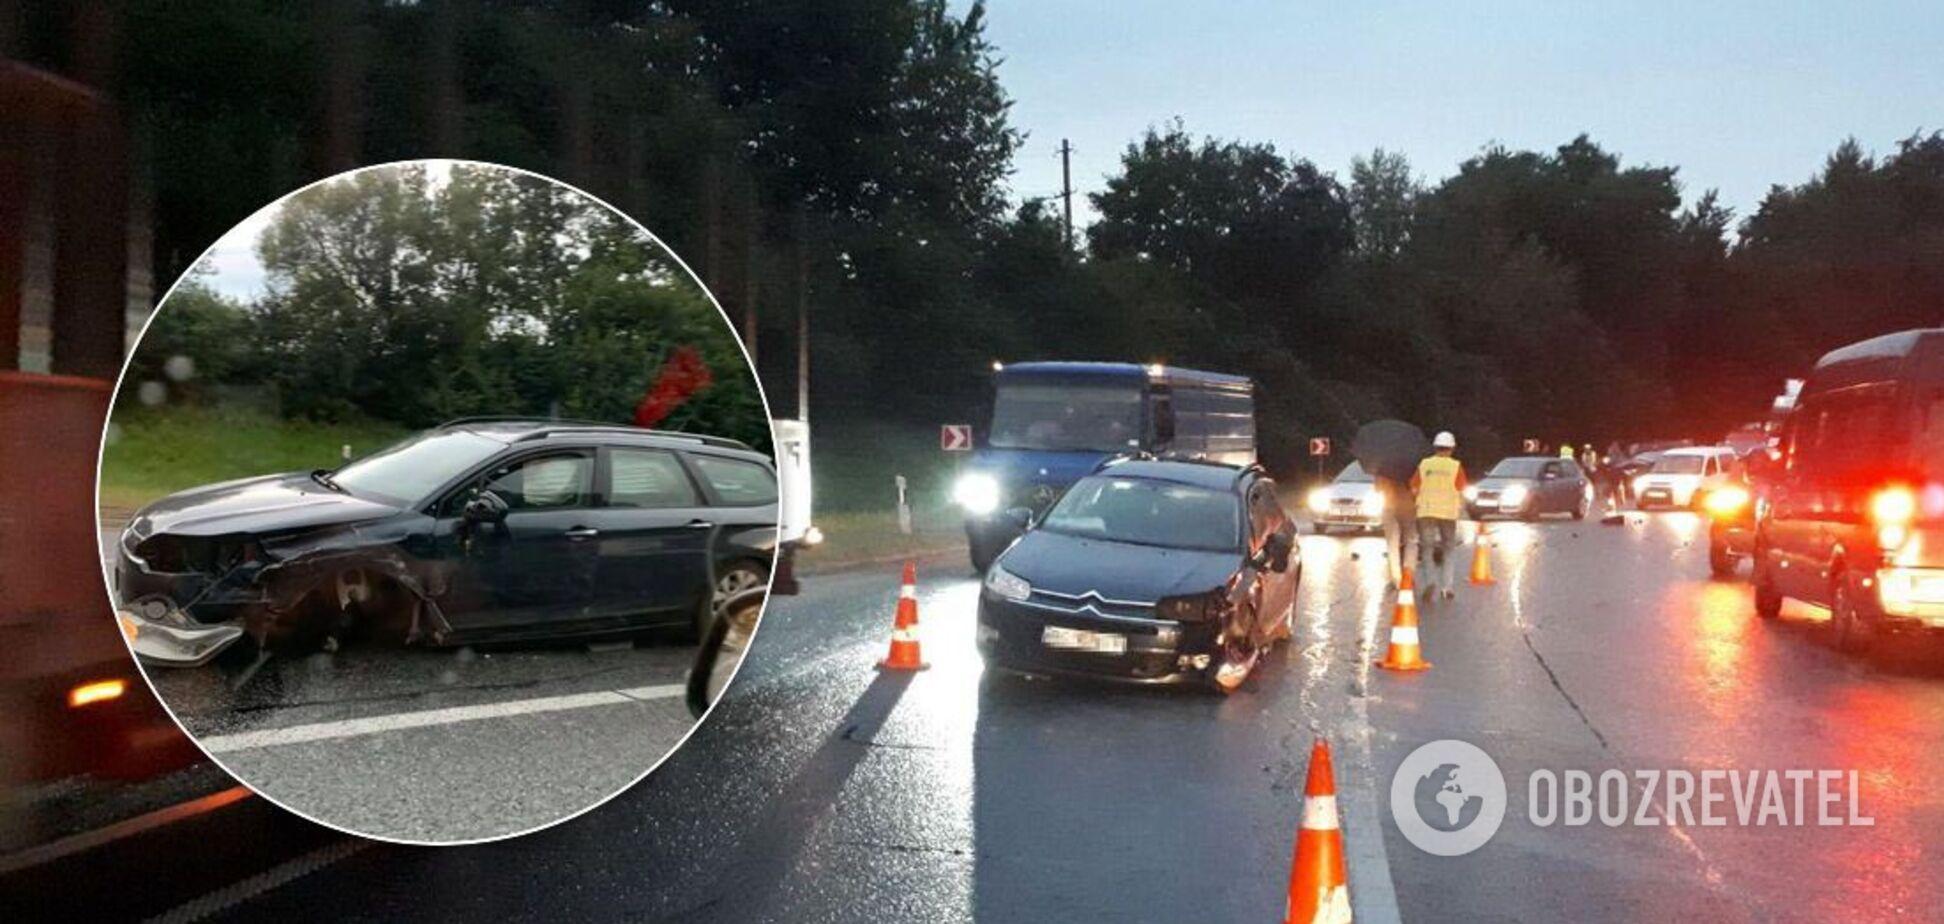 На Львівщині в потрійній ДТП постраждало 8 осіб. Фото і відео